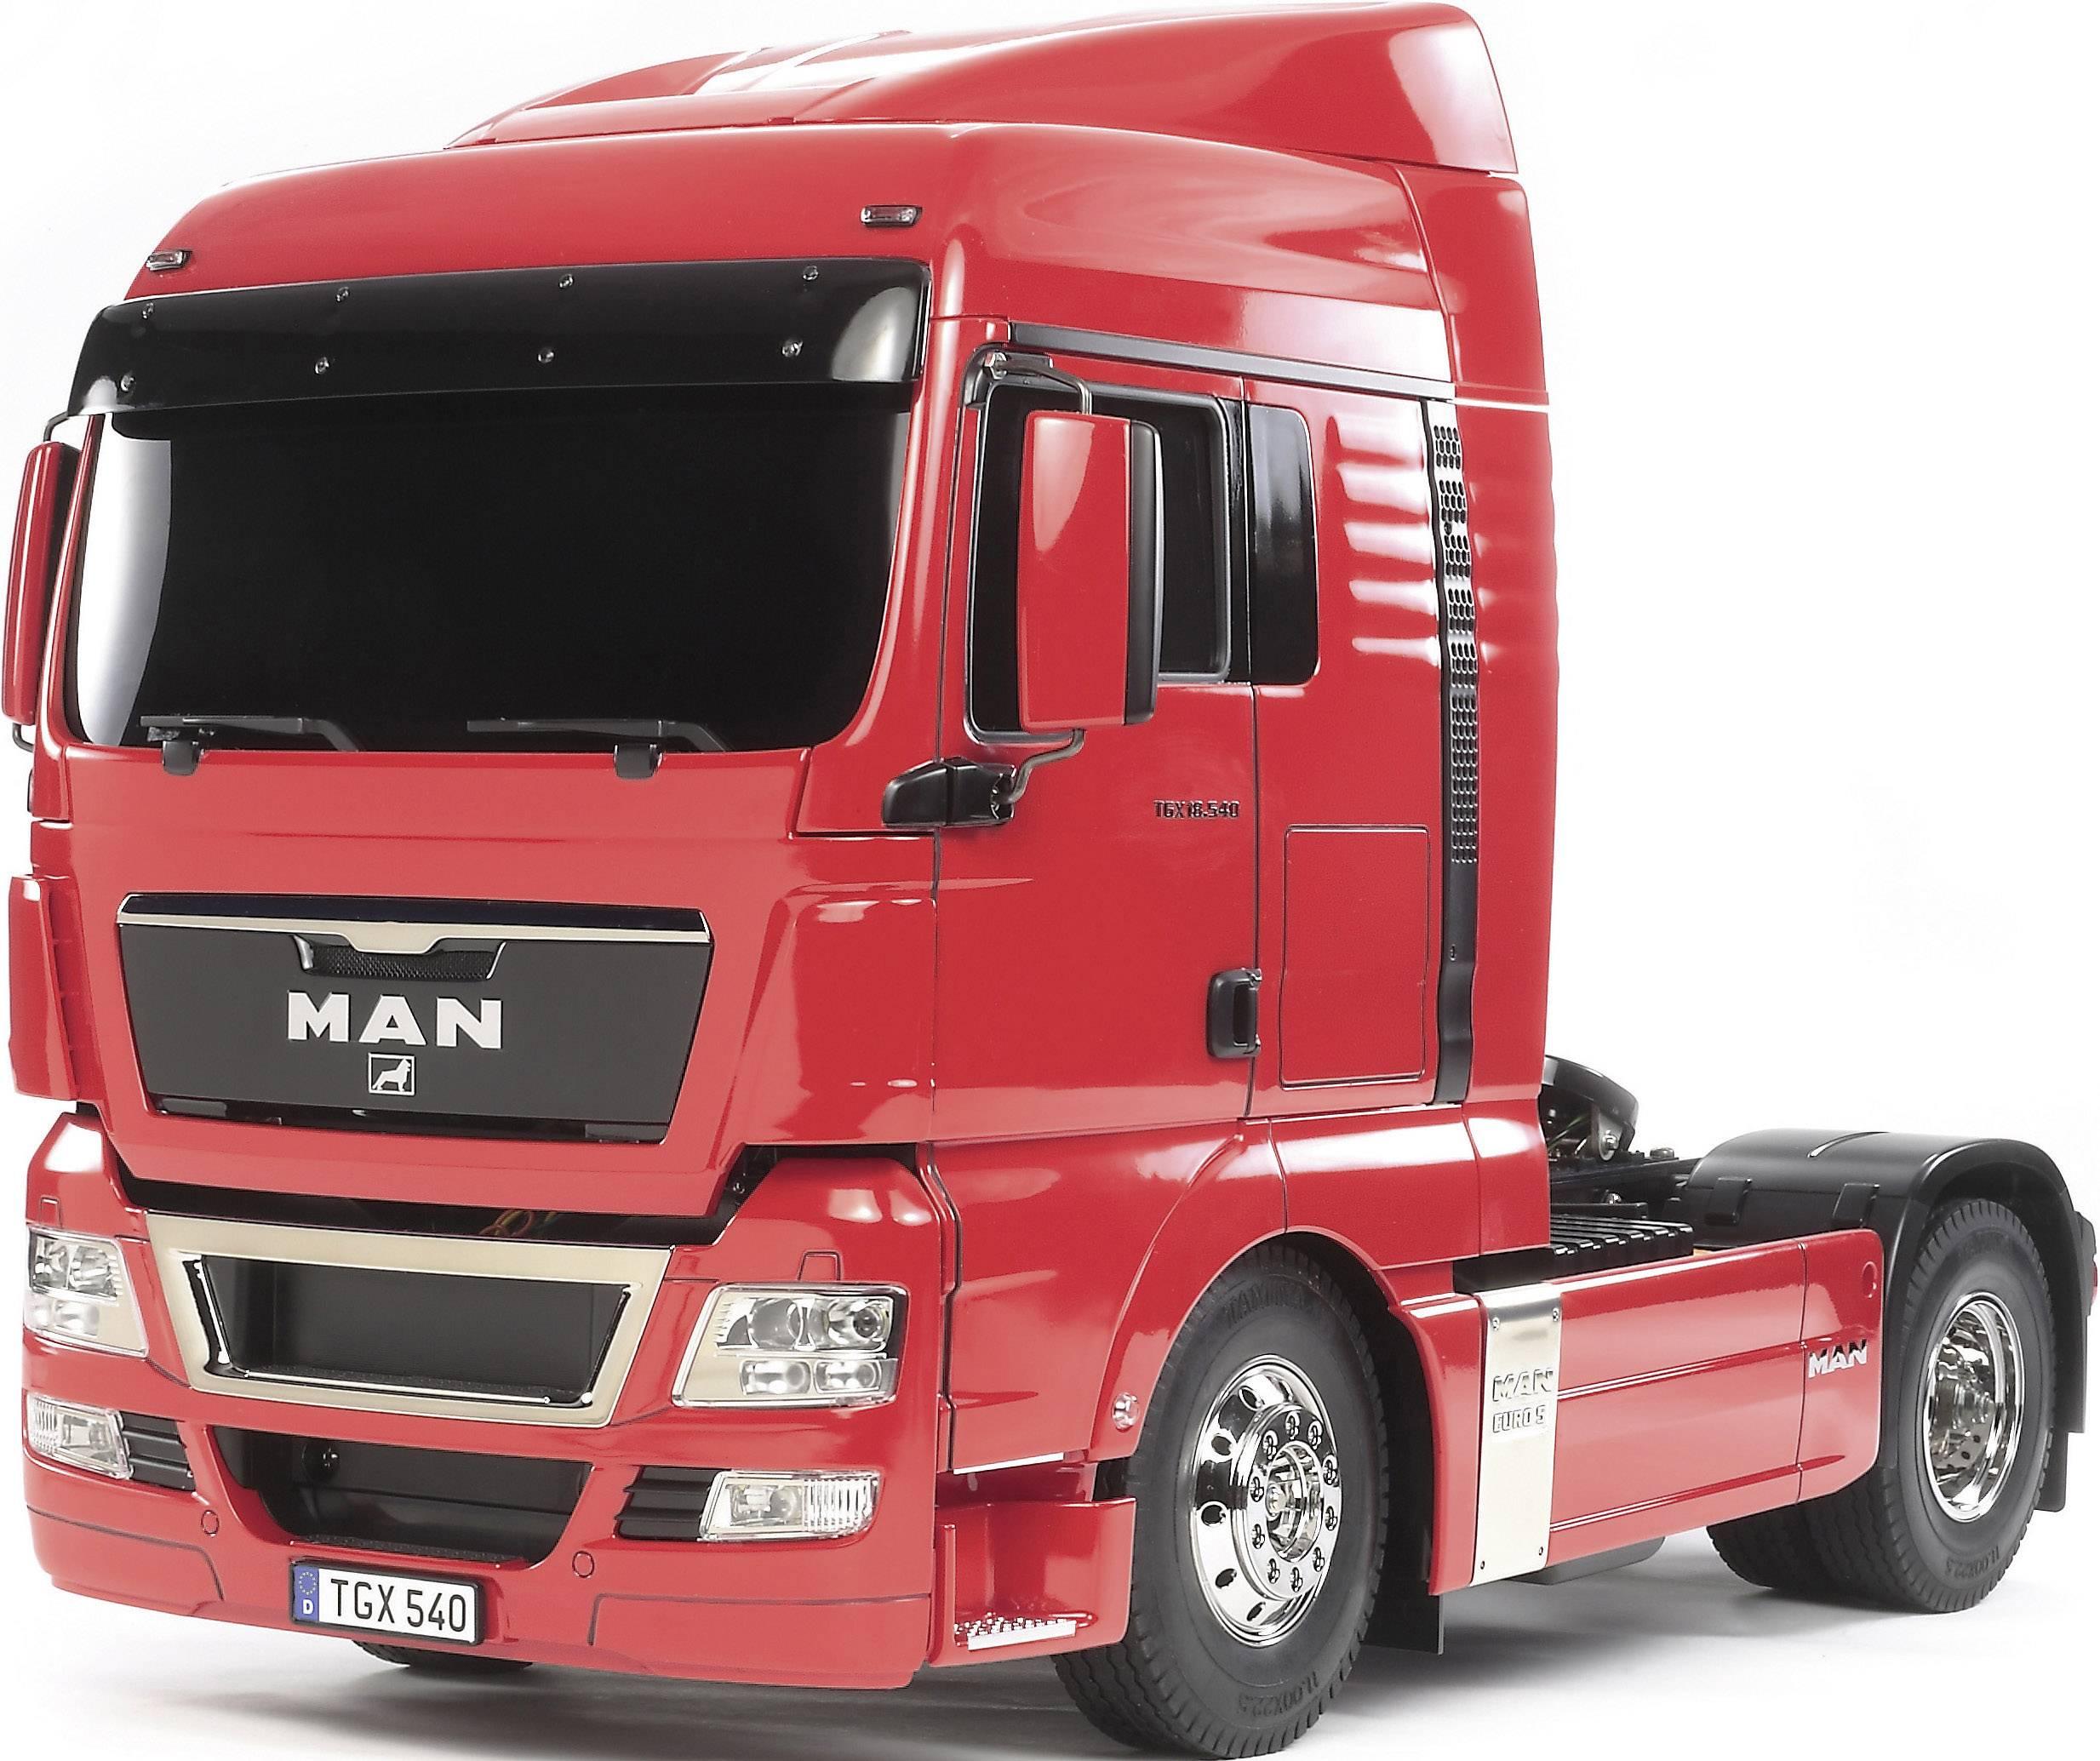 tamiya 56329 1 14 man tgx 18 540 xlx 4x2 rc model truck kit from rh conrad com man tga service manual download Man TGE